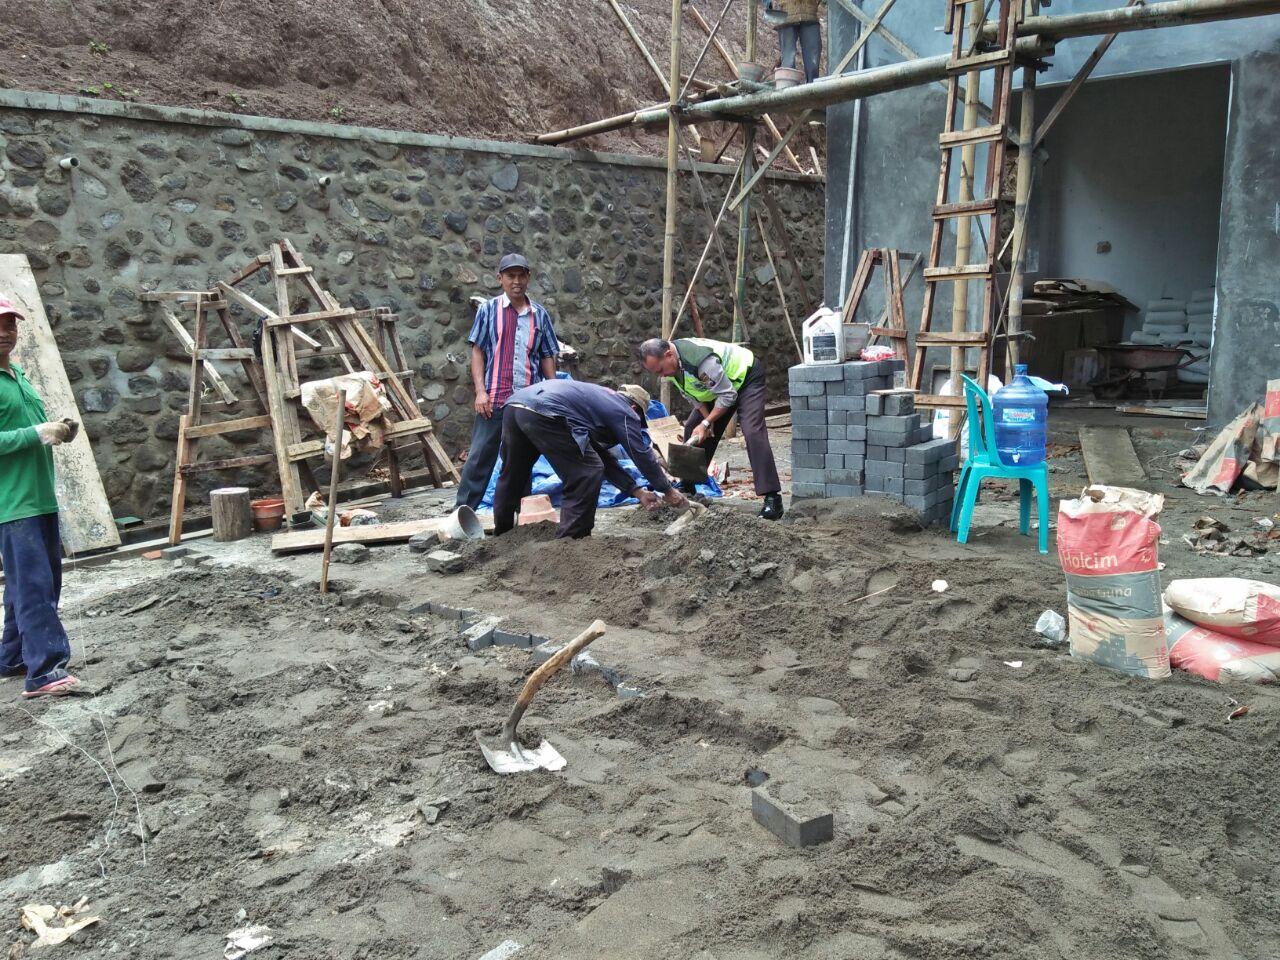 Bhabin Polse Ngantang Polres Batu Melaksanakan Kerja Bakti Pukesmas Desa Waturejo